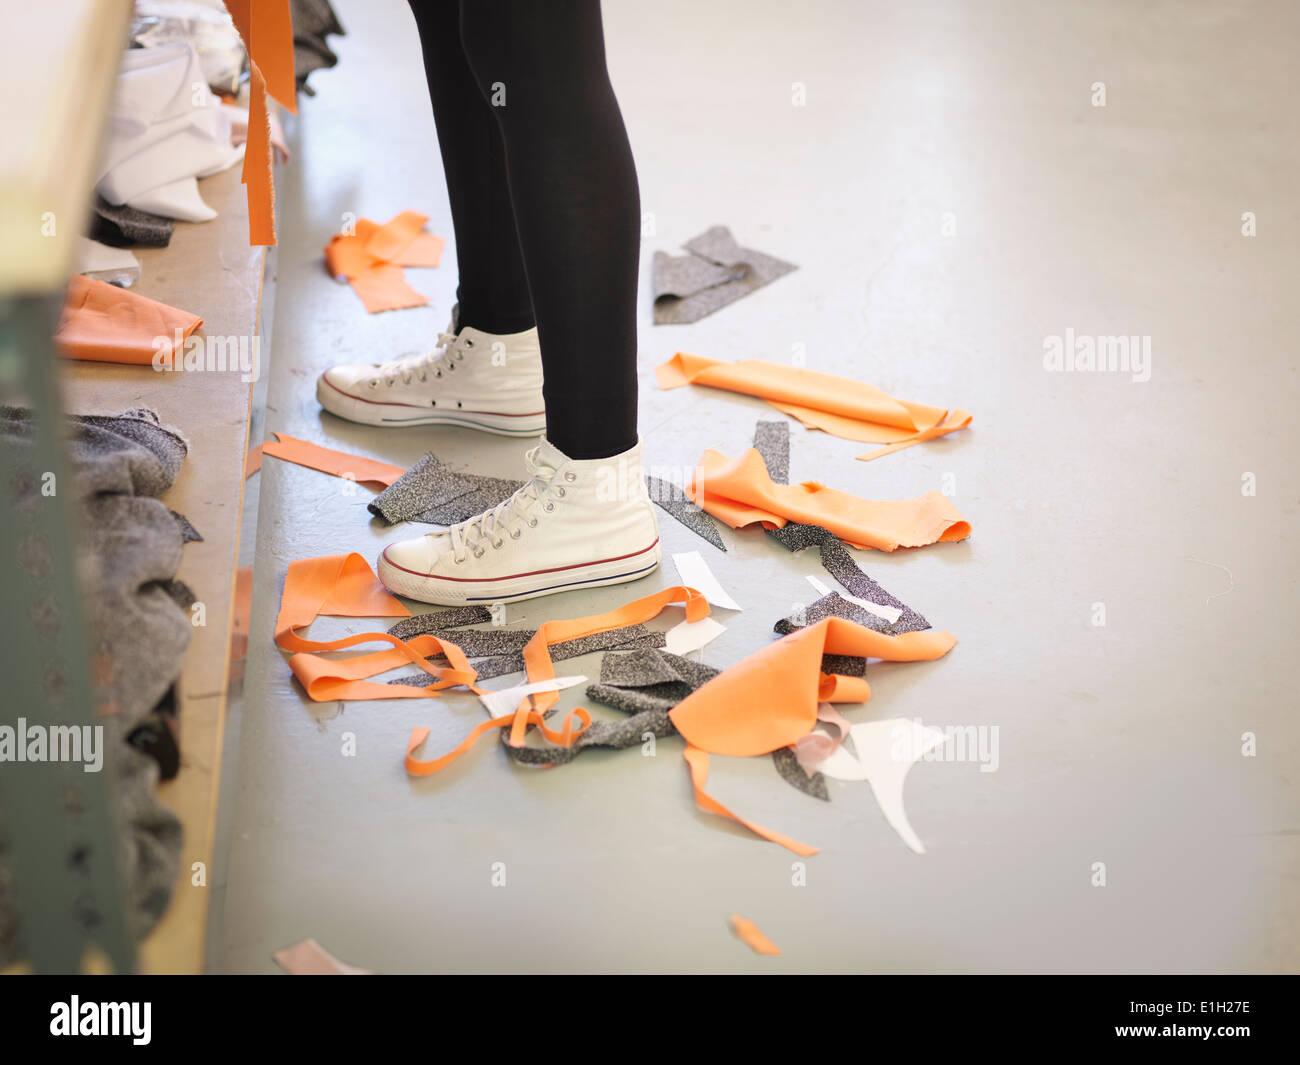 Off-materiale tagliato sul pavimento in fashion design studio Immagini Stock